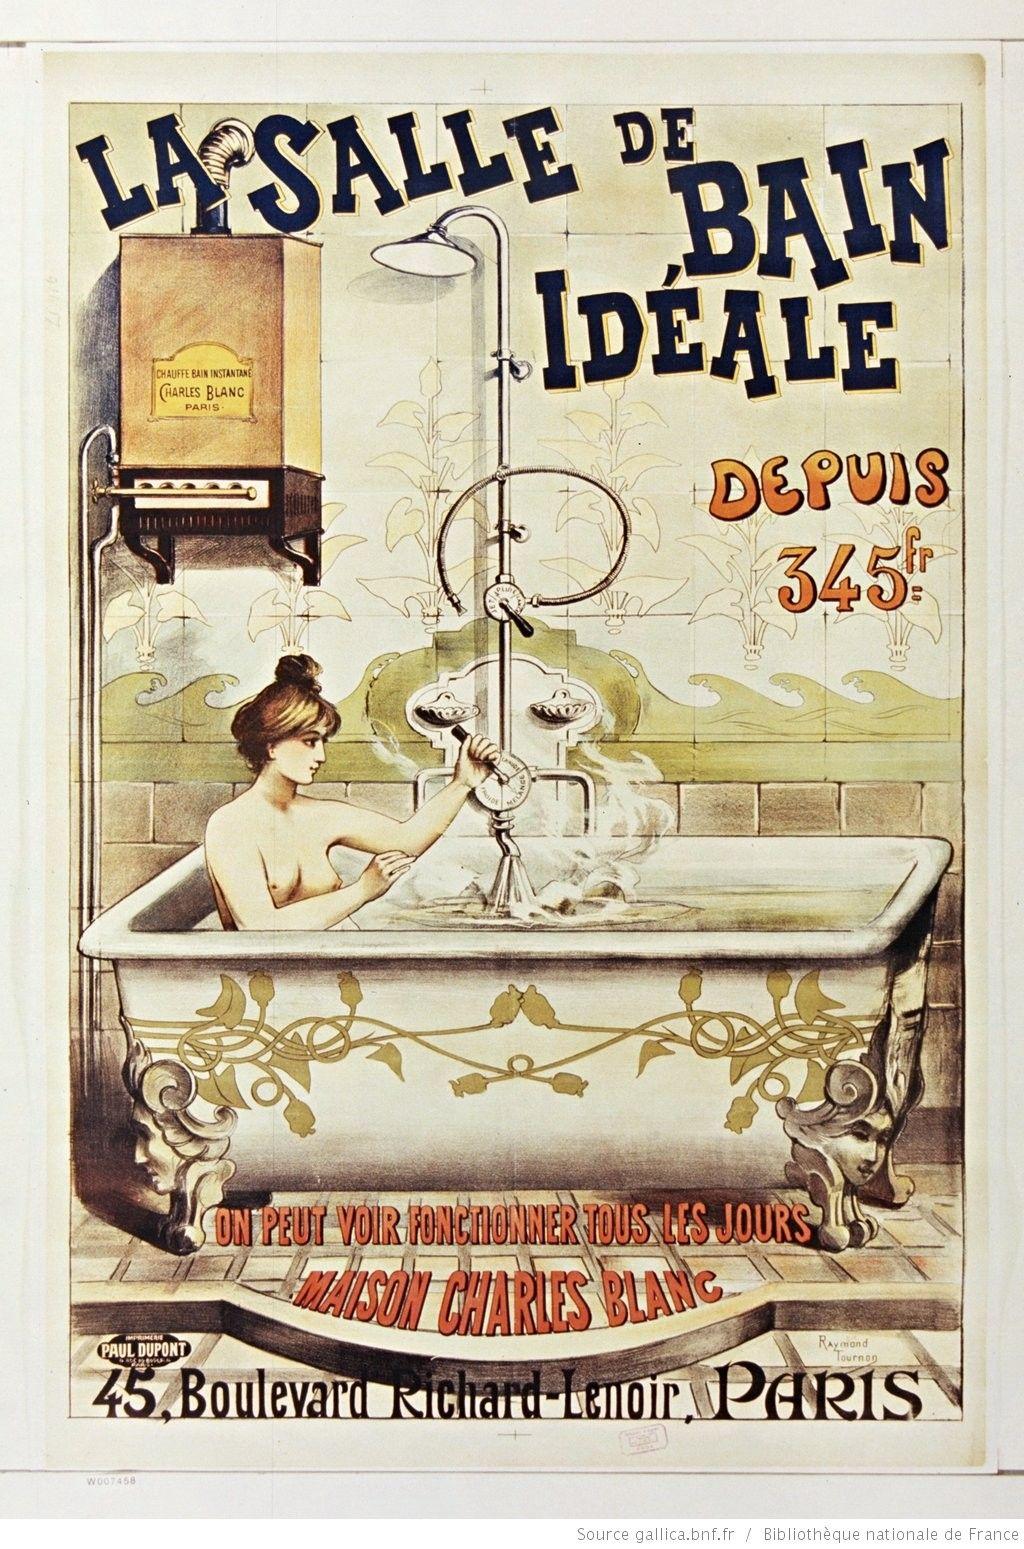 Affiche Ancienne Pour Salle De Bain la salle de bain idéale depuis 345fr maison charles blanc